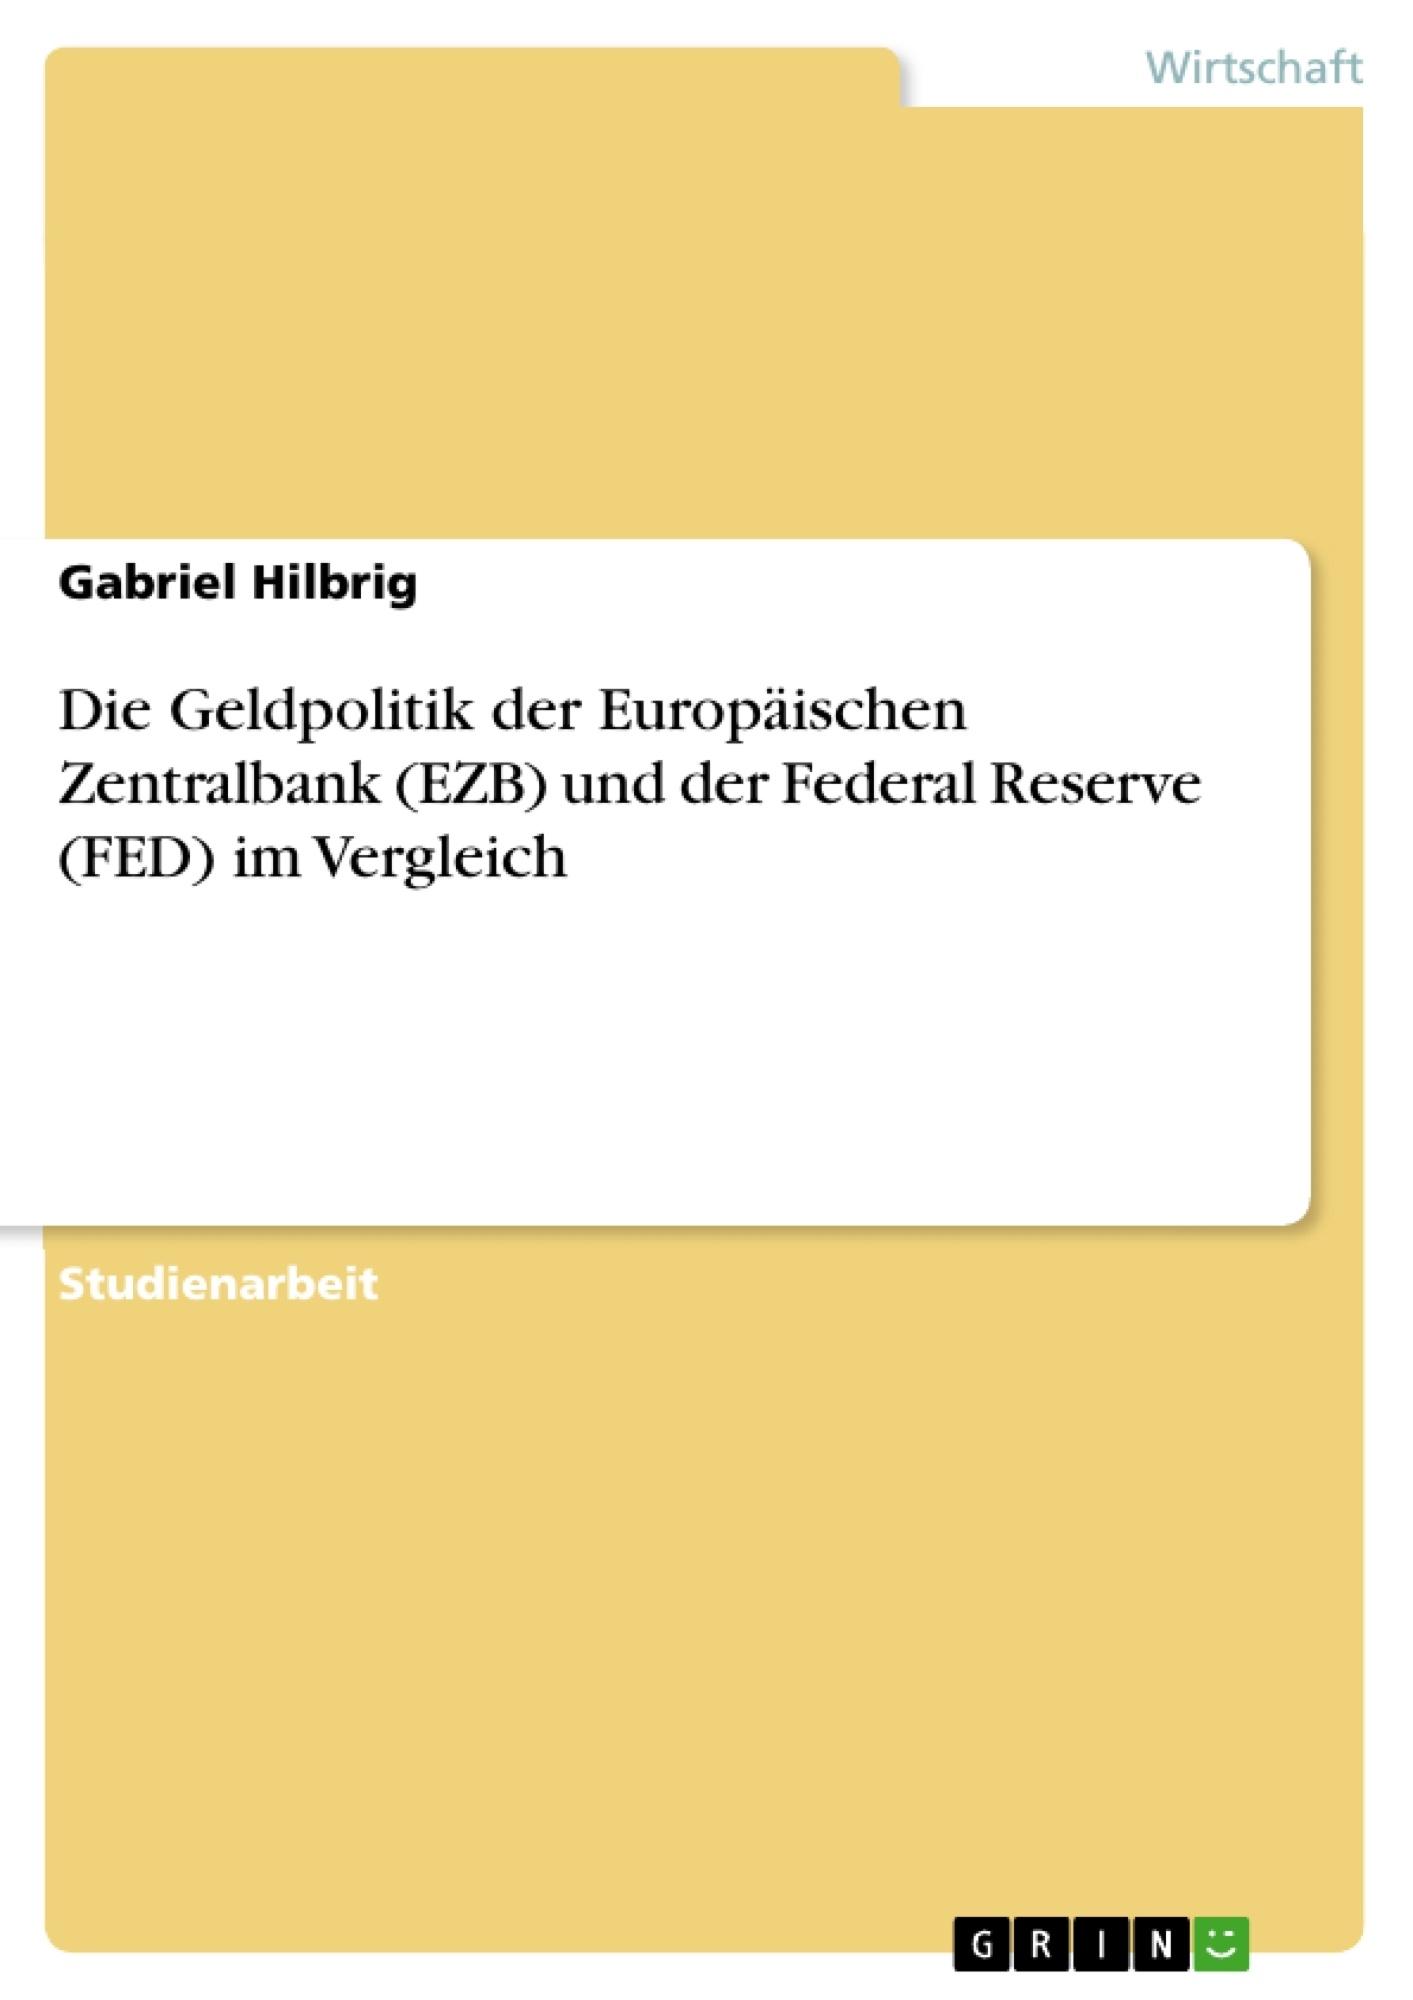 Titel: Die Geldpolitik der Europäischen Zentralbank (EZB) und der Federal Reserve (FED) im Vergleich